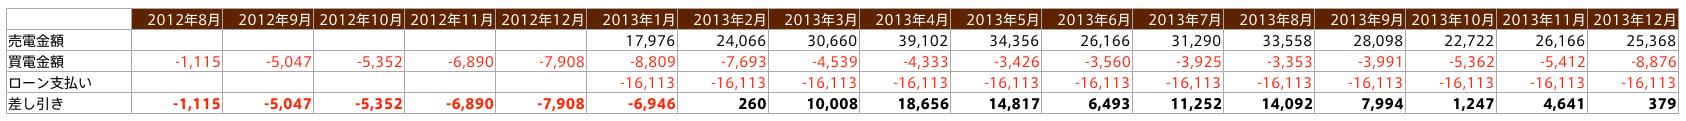 201208-201312_発電売電金額推移